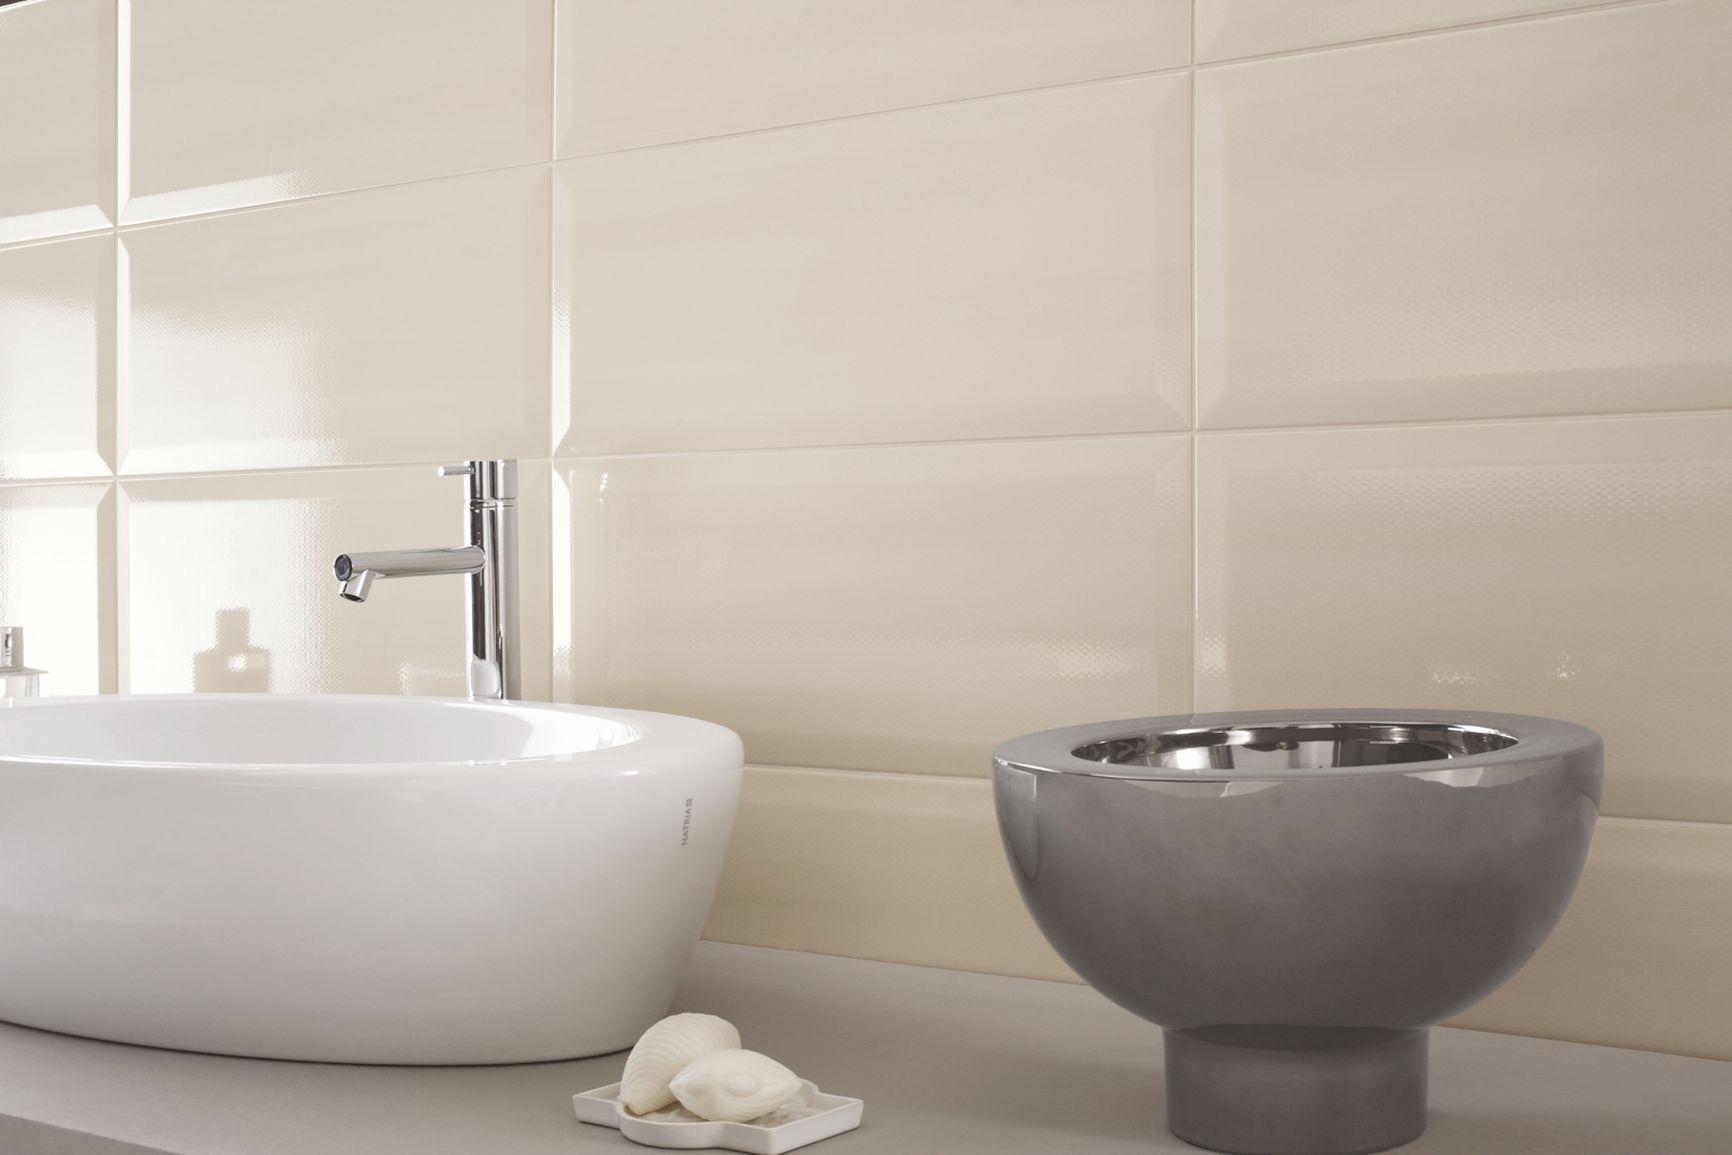 Nuance ceramiche per rivestimento bagno marazzi - Piastrelle rivestimento bagno ...